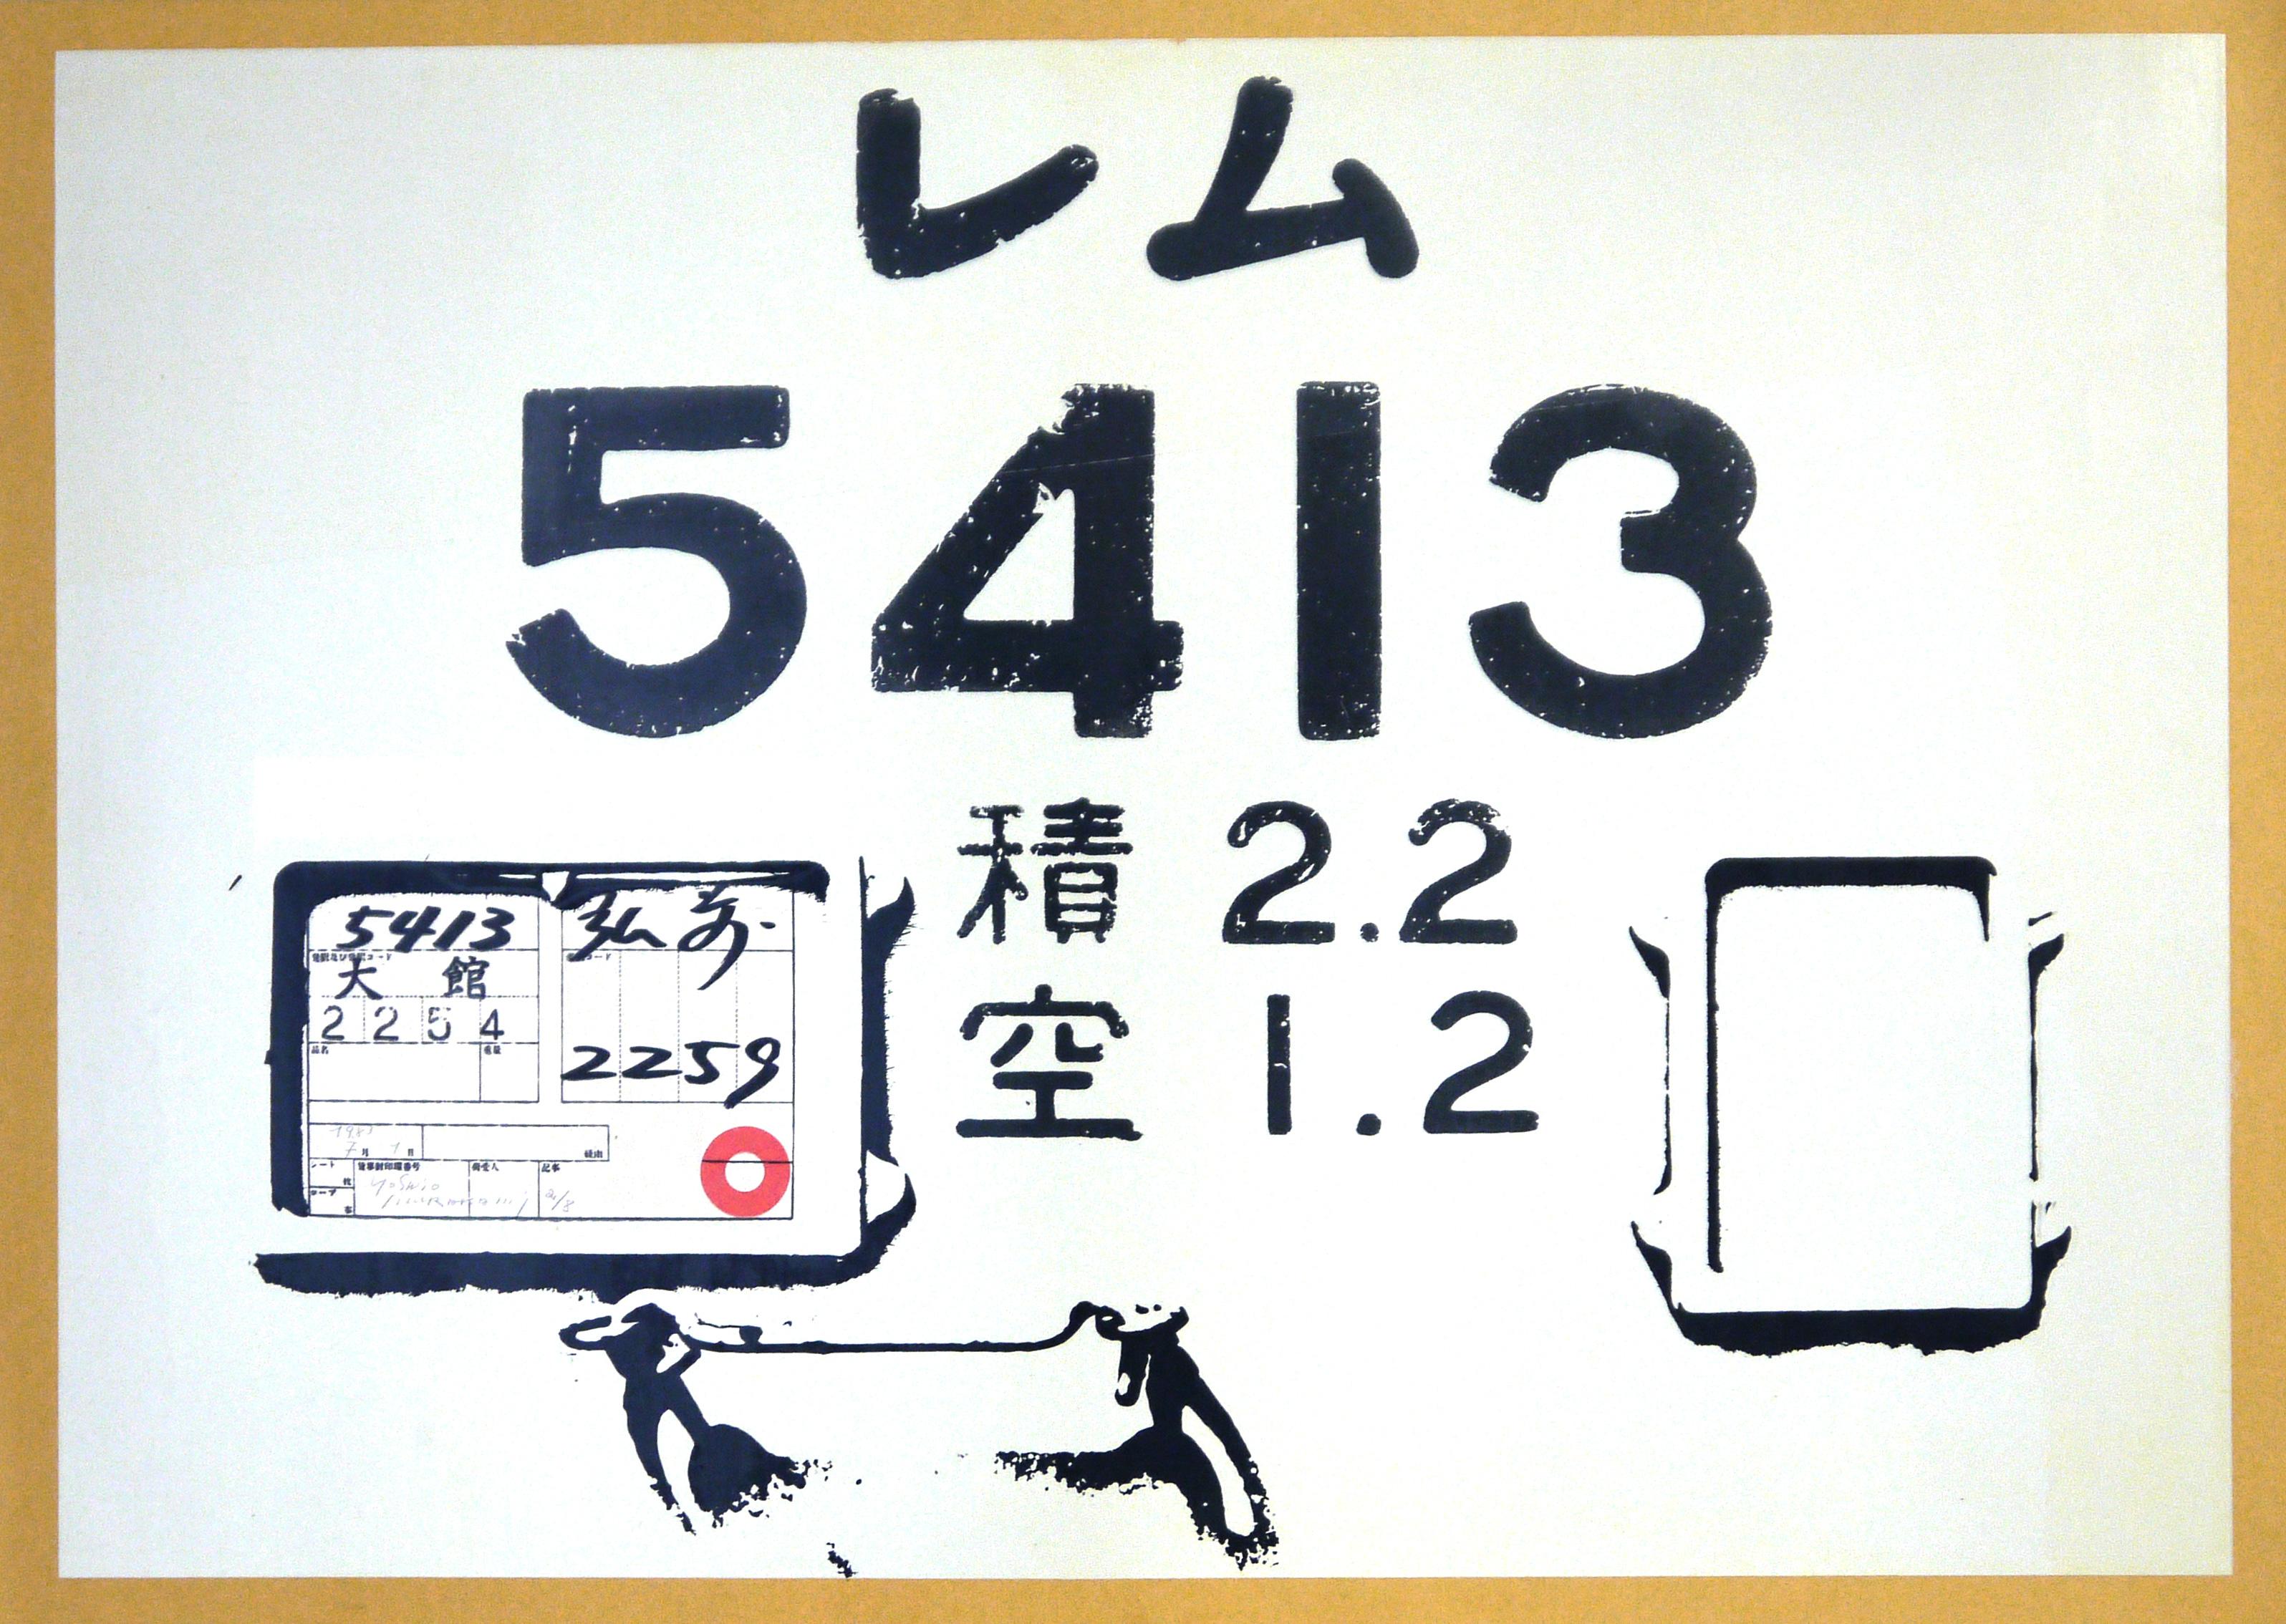 村上善男 MURAKAMI Yoshio『レム5413大館→弘前』